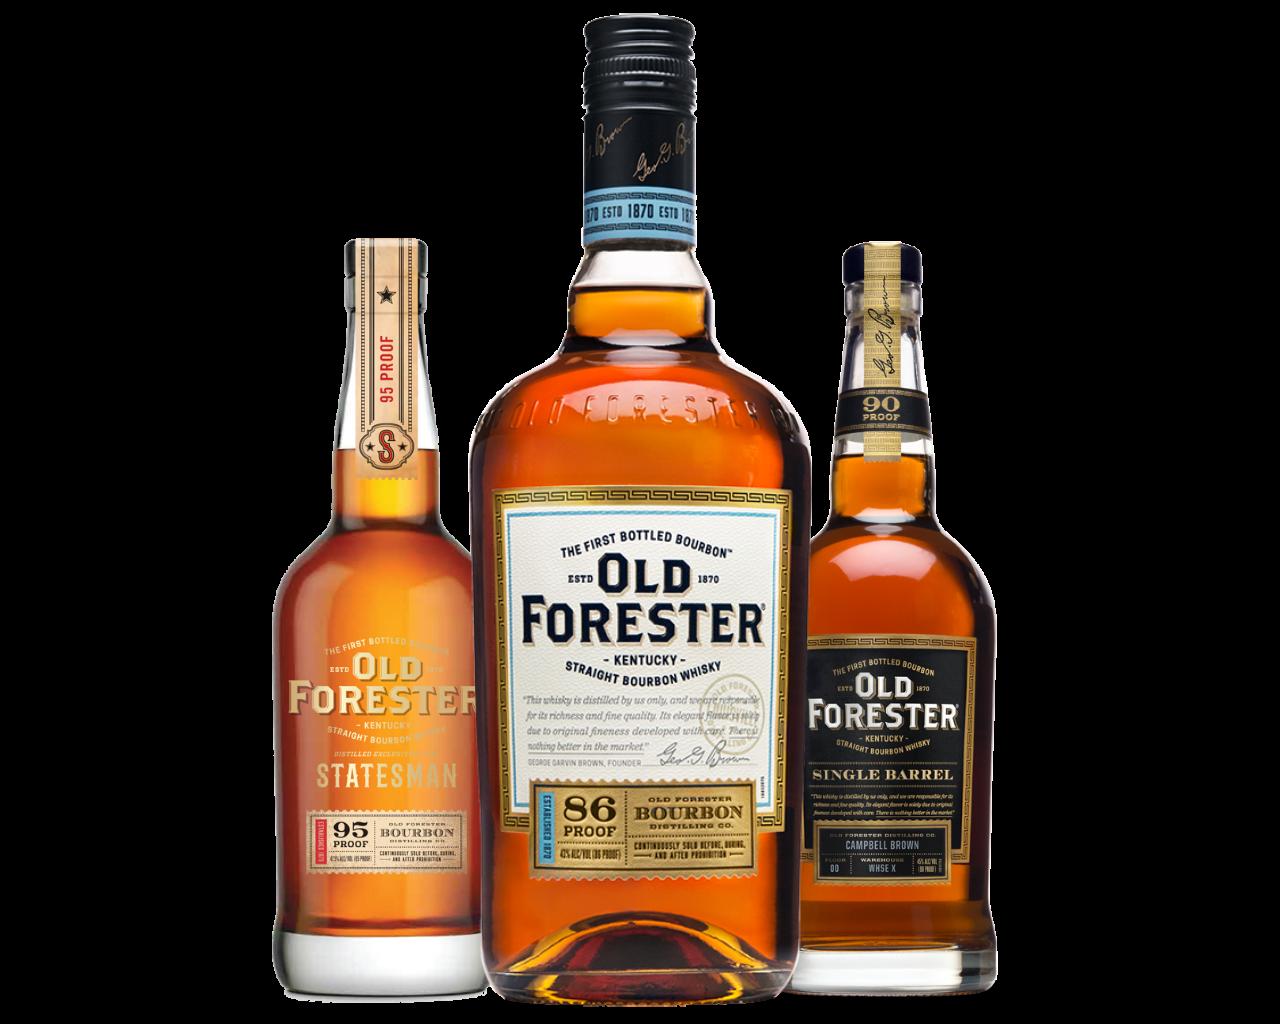 Old Forester bottles